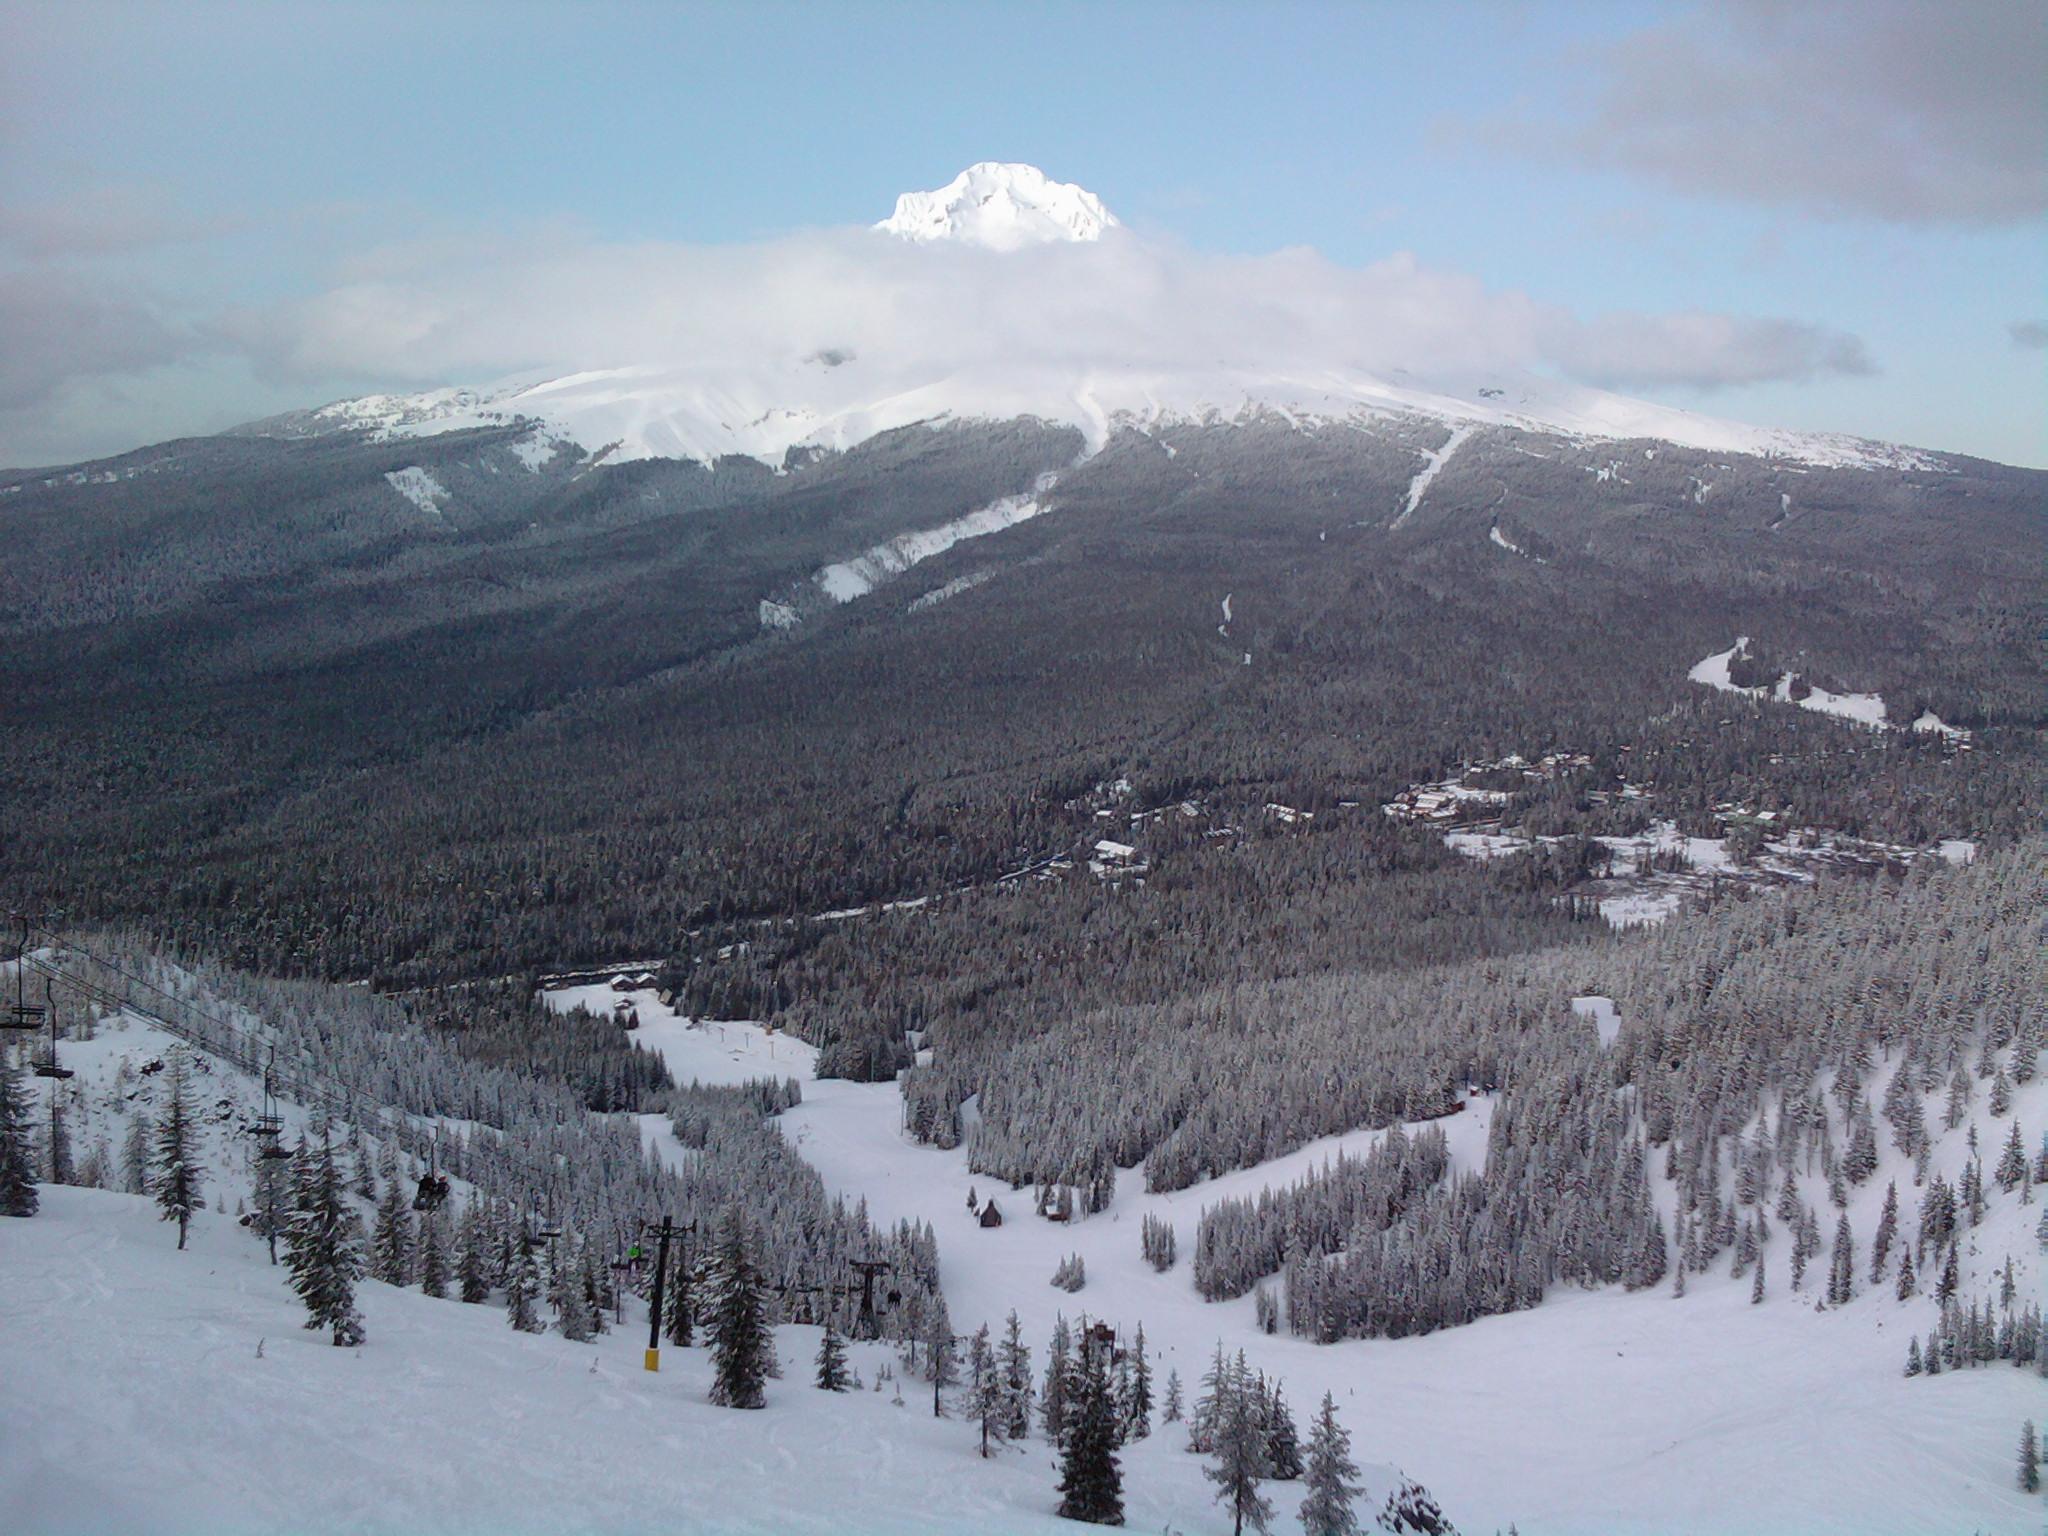 Mount Hood Ski Bowl Cabin Fever Chronicles Getting